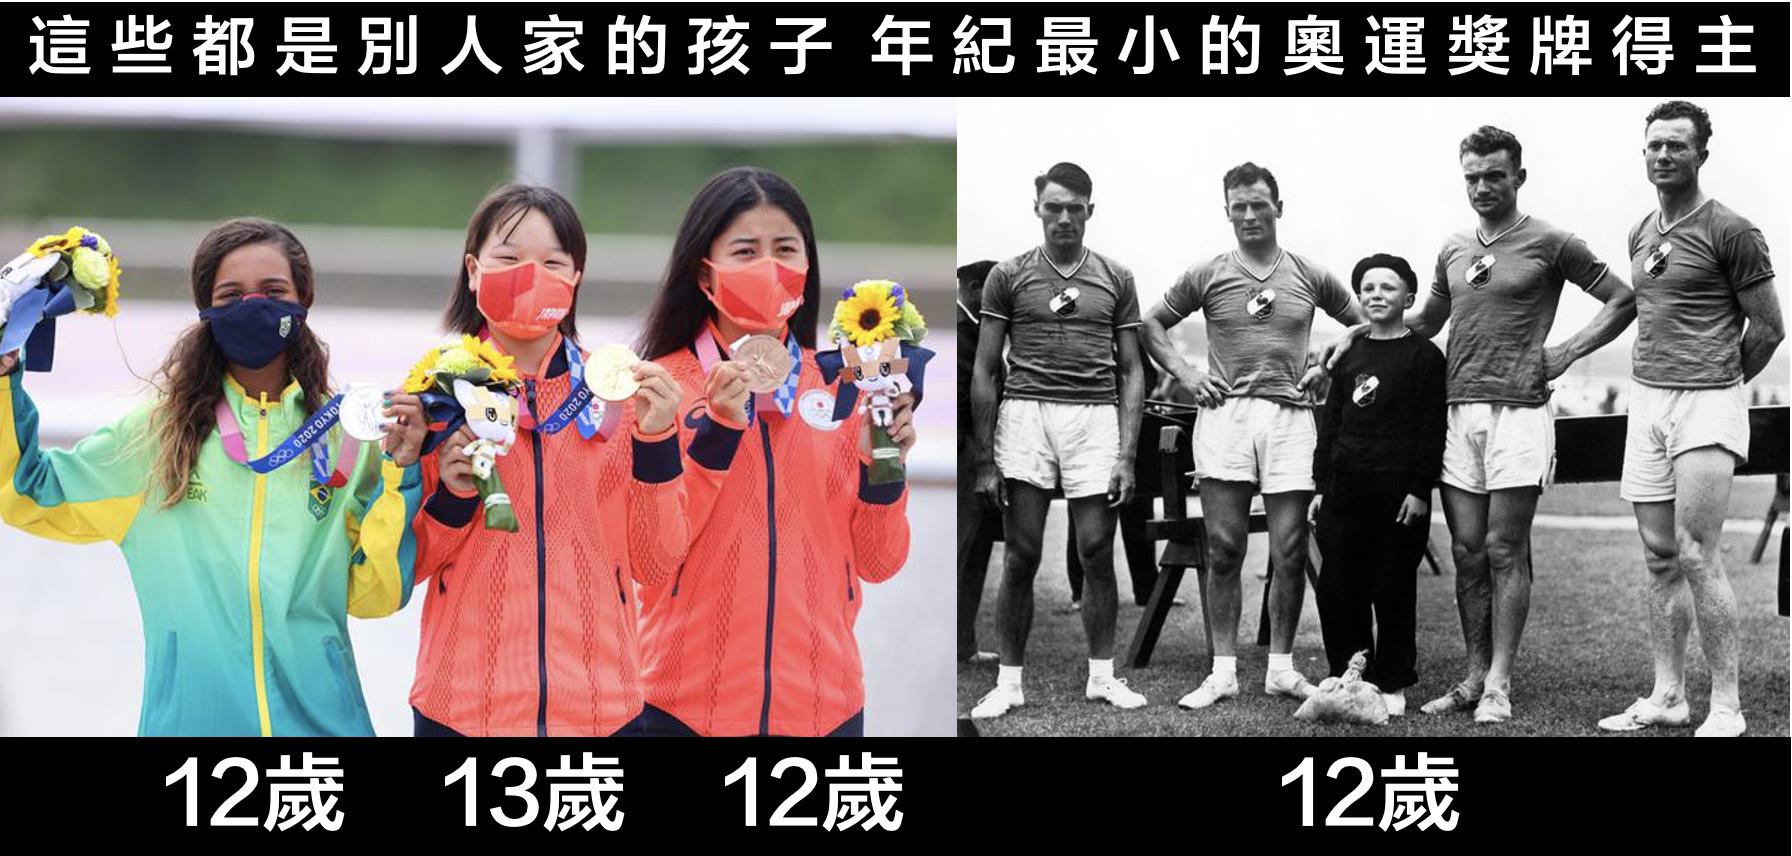 奧運史上神奇的一幕誕生了:冠亞季軍的平均年齡只有14歲。